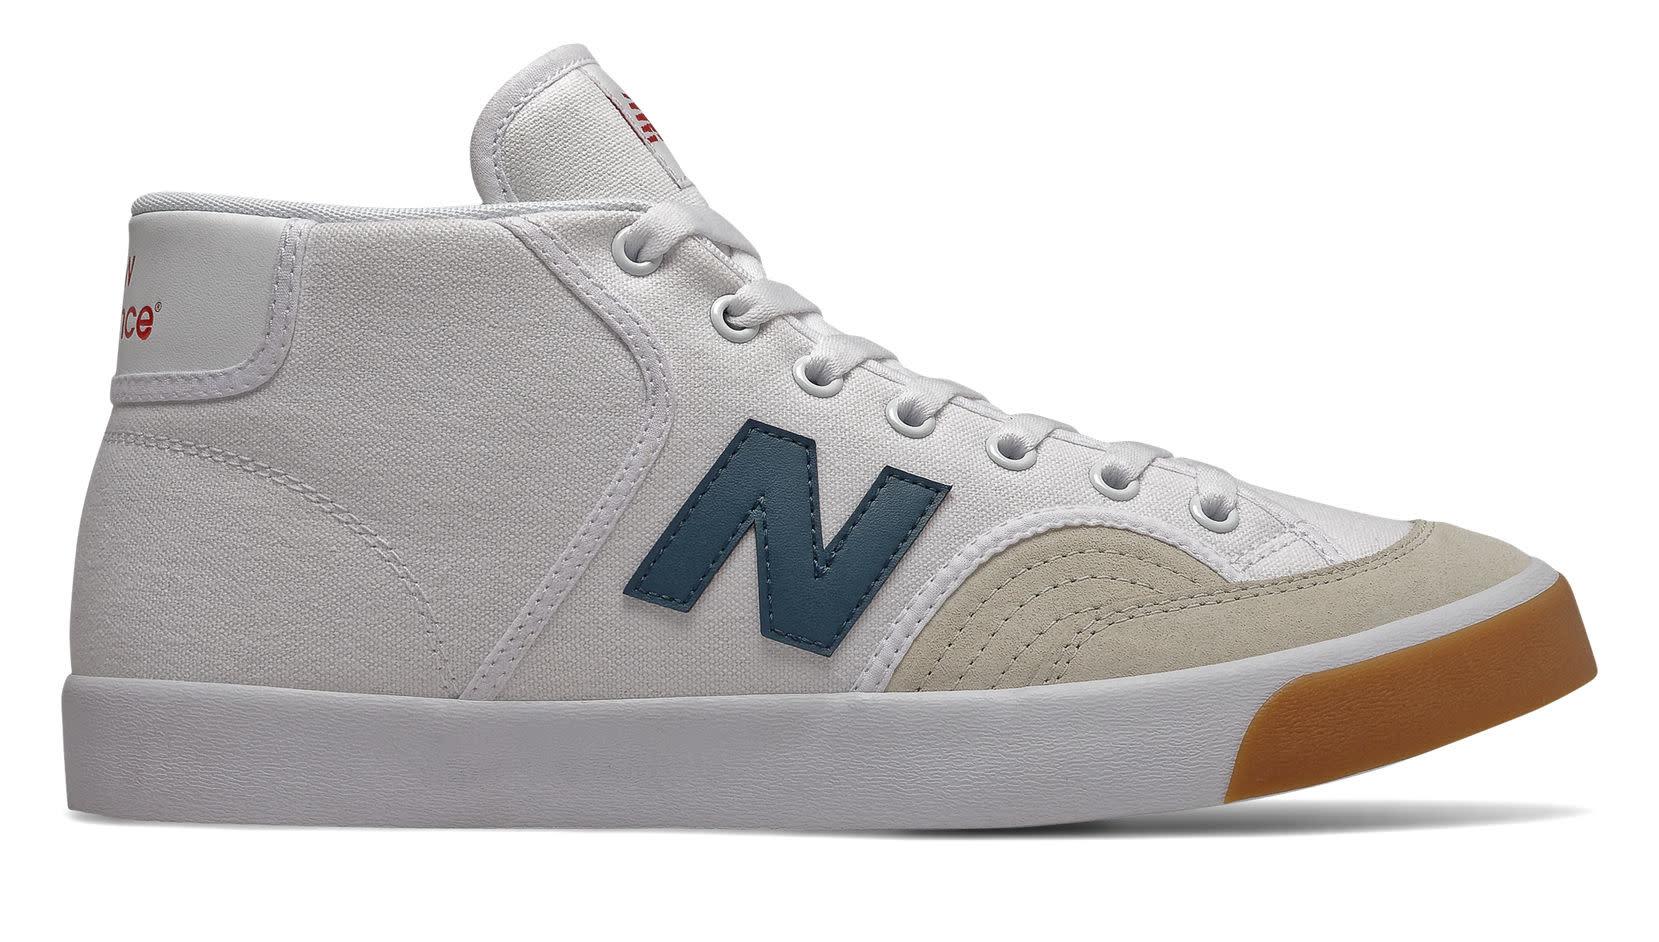 New Balance Numeric New Balance Numeric 213 - White/Blue